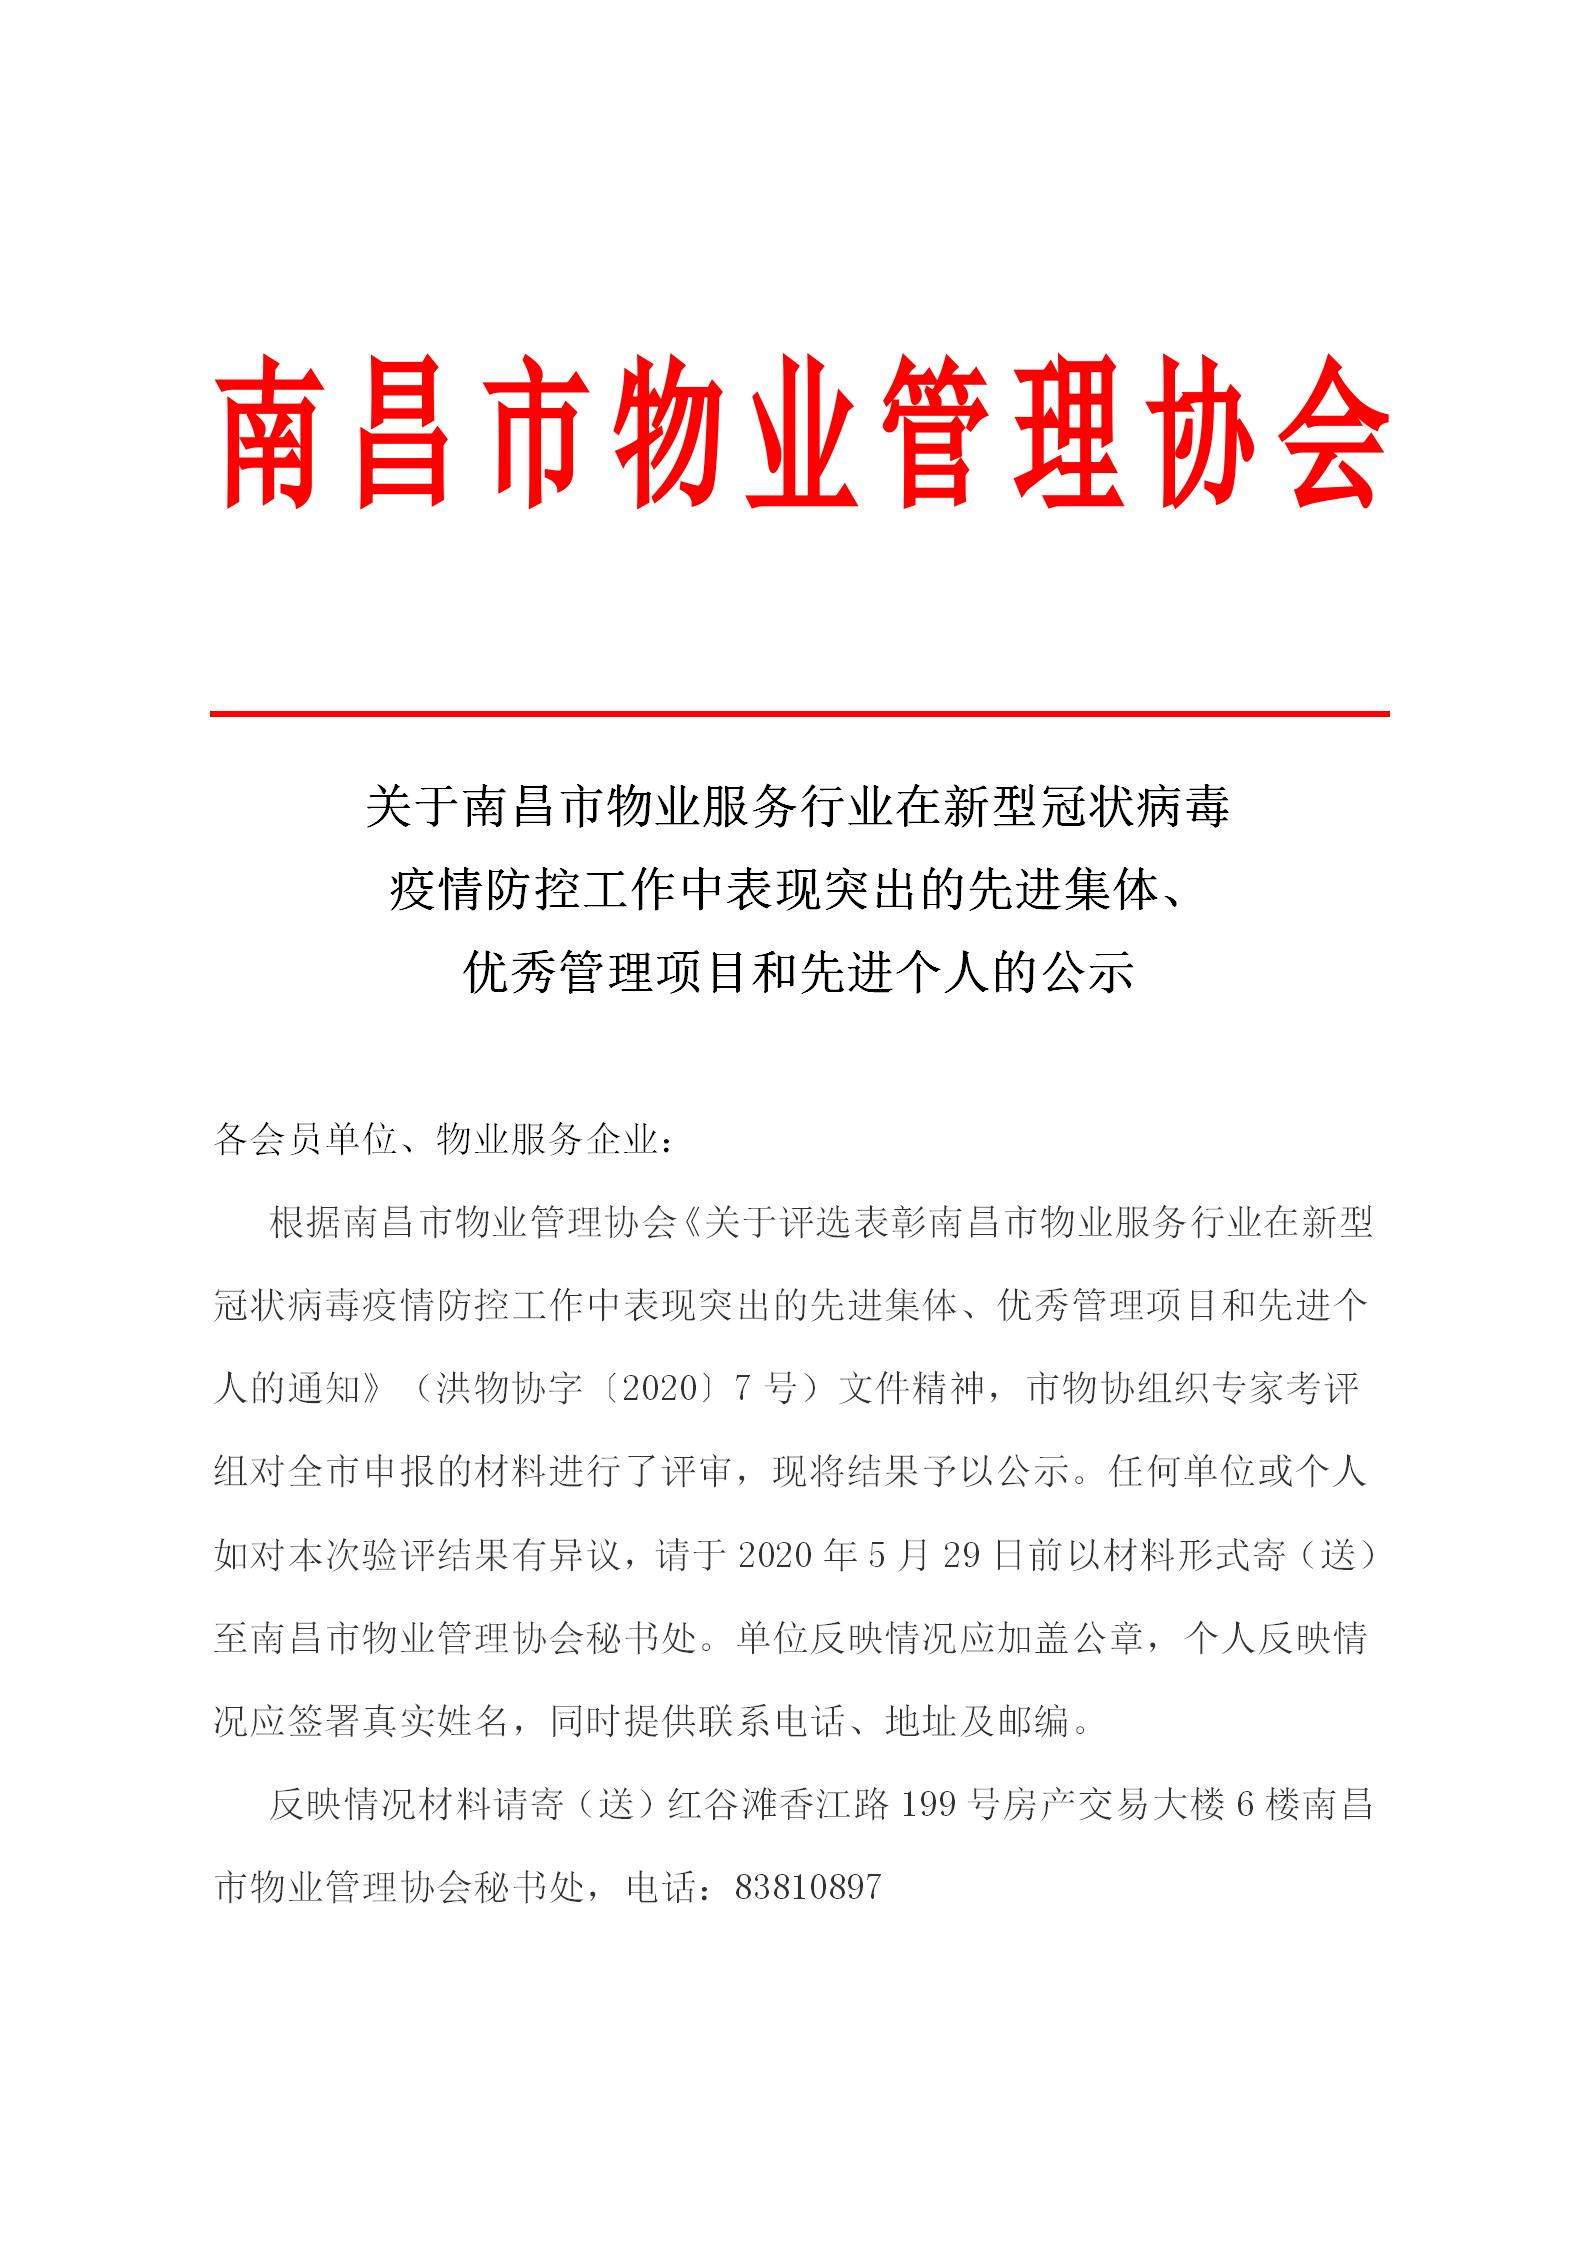 关于南昌市物业服务行业在新型冠状病毒疫情防控工作中表现突出的先进集体、优秀管理项目和先进个人的公示_01.png